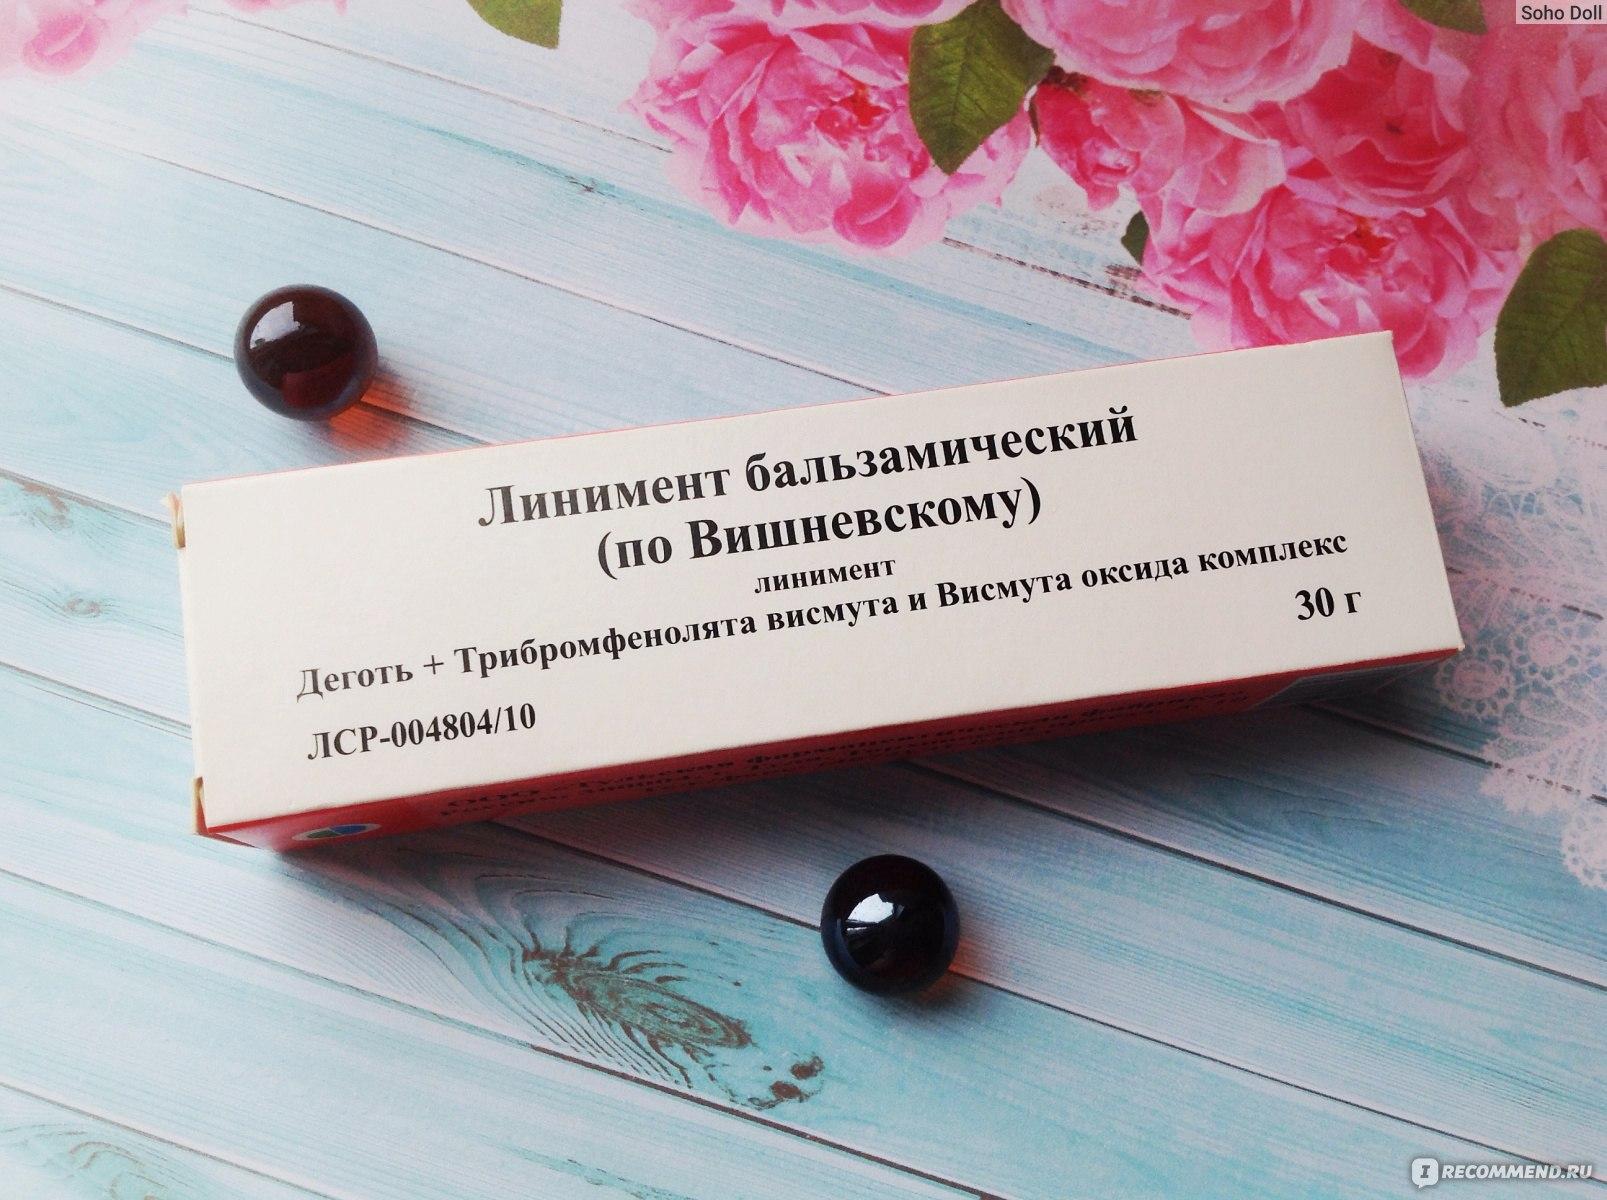 Мазь вишневского от простатита отзывы купить бад от простатита